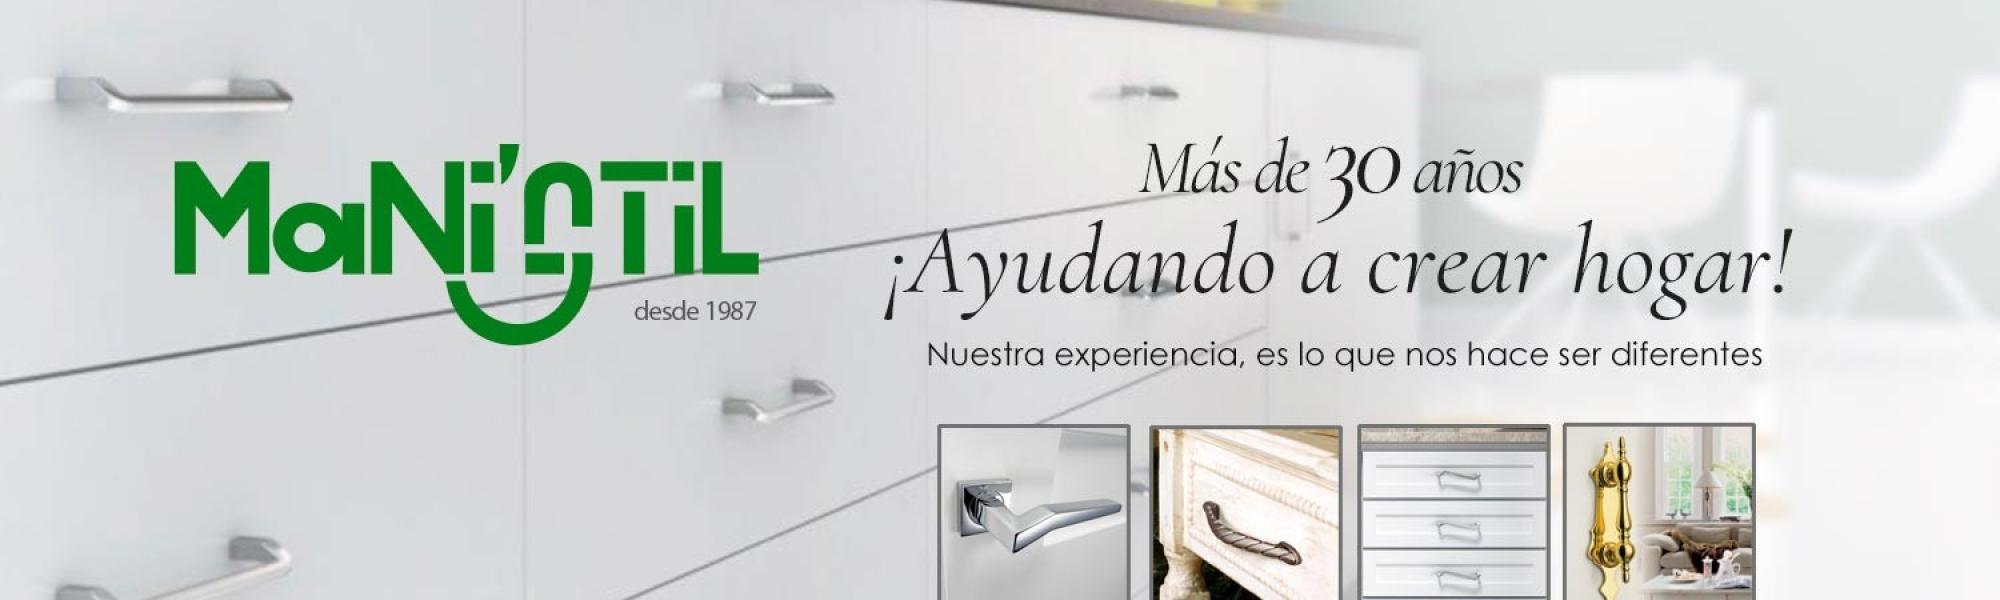 COMPRAR-ONLINE-MANIVELA-MANILLA-POMO-TIRADOR-PUERTA-VENTANA-CASA-MUEBLE-MEJOR-PRECIO